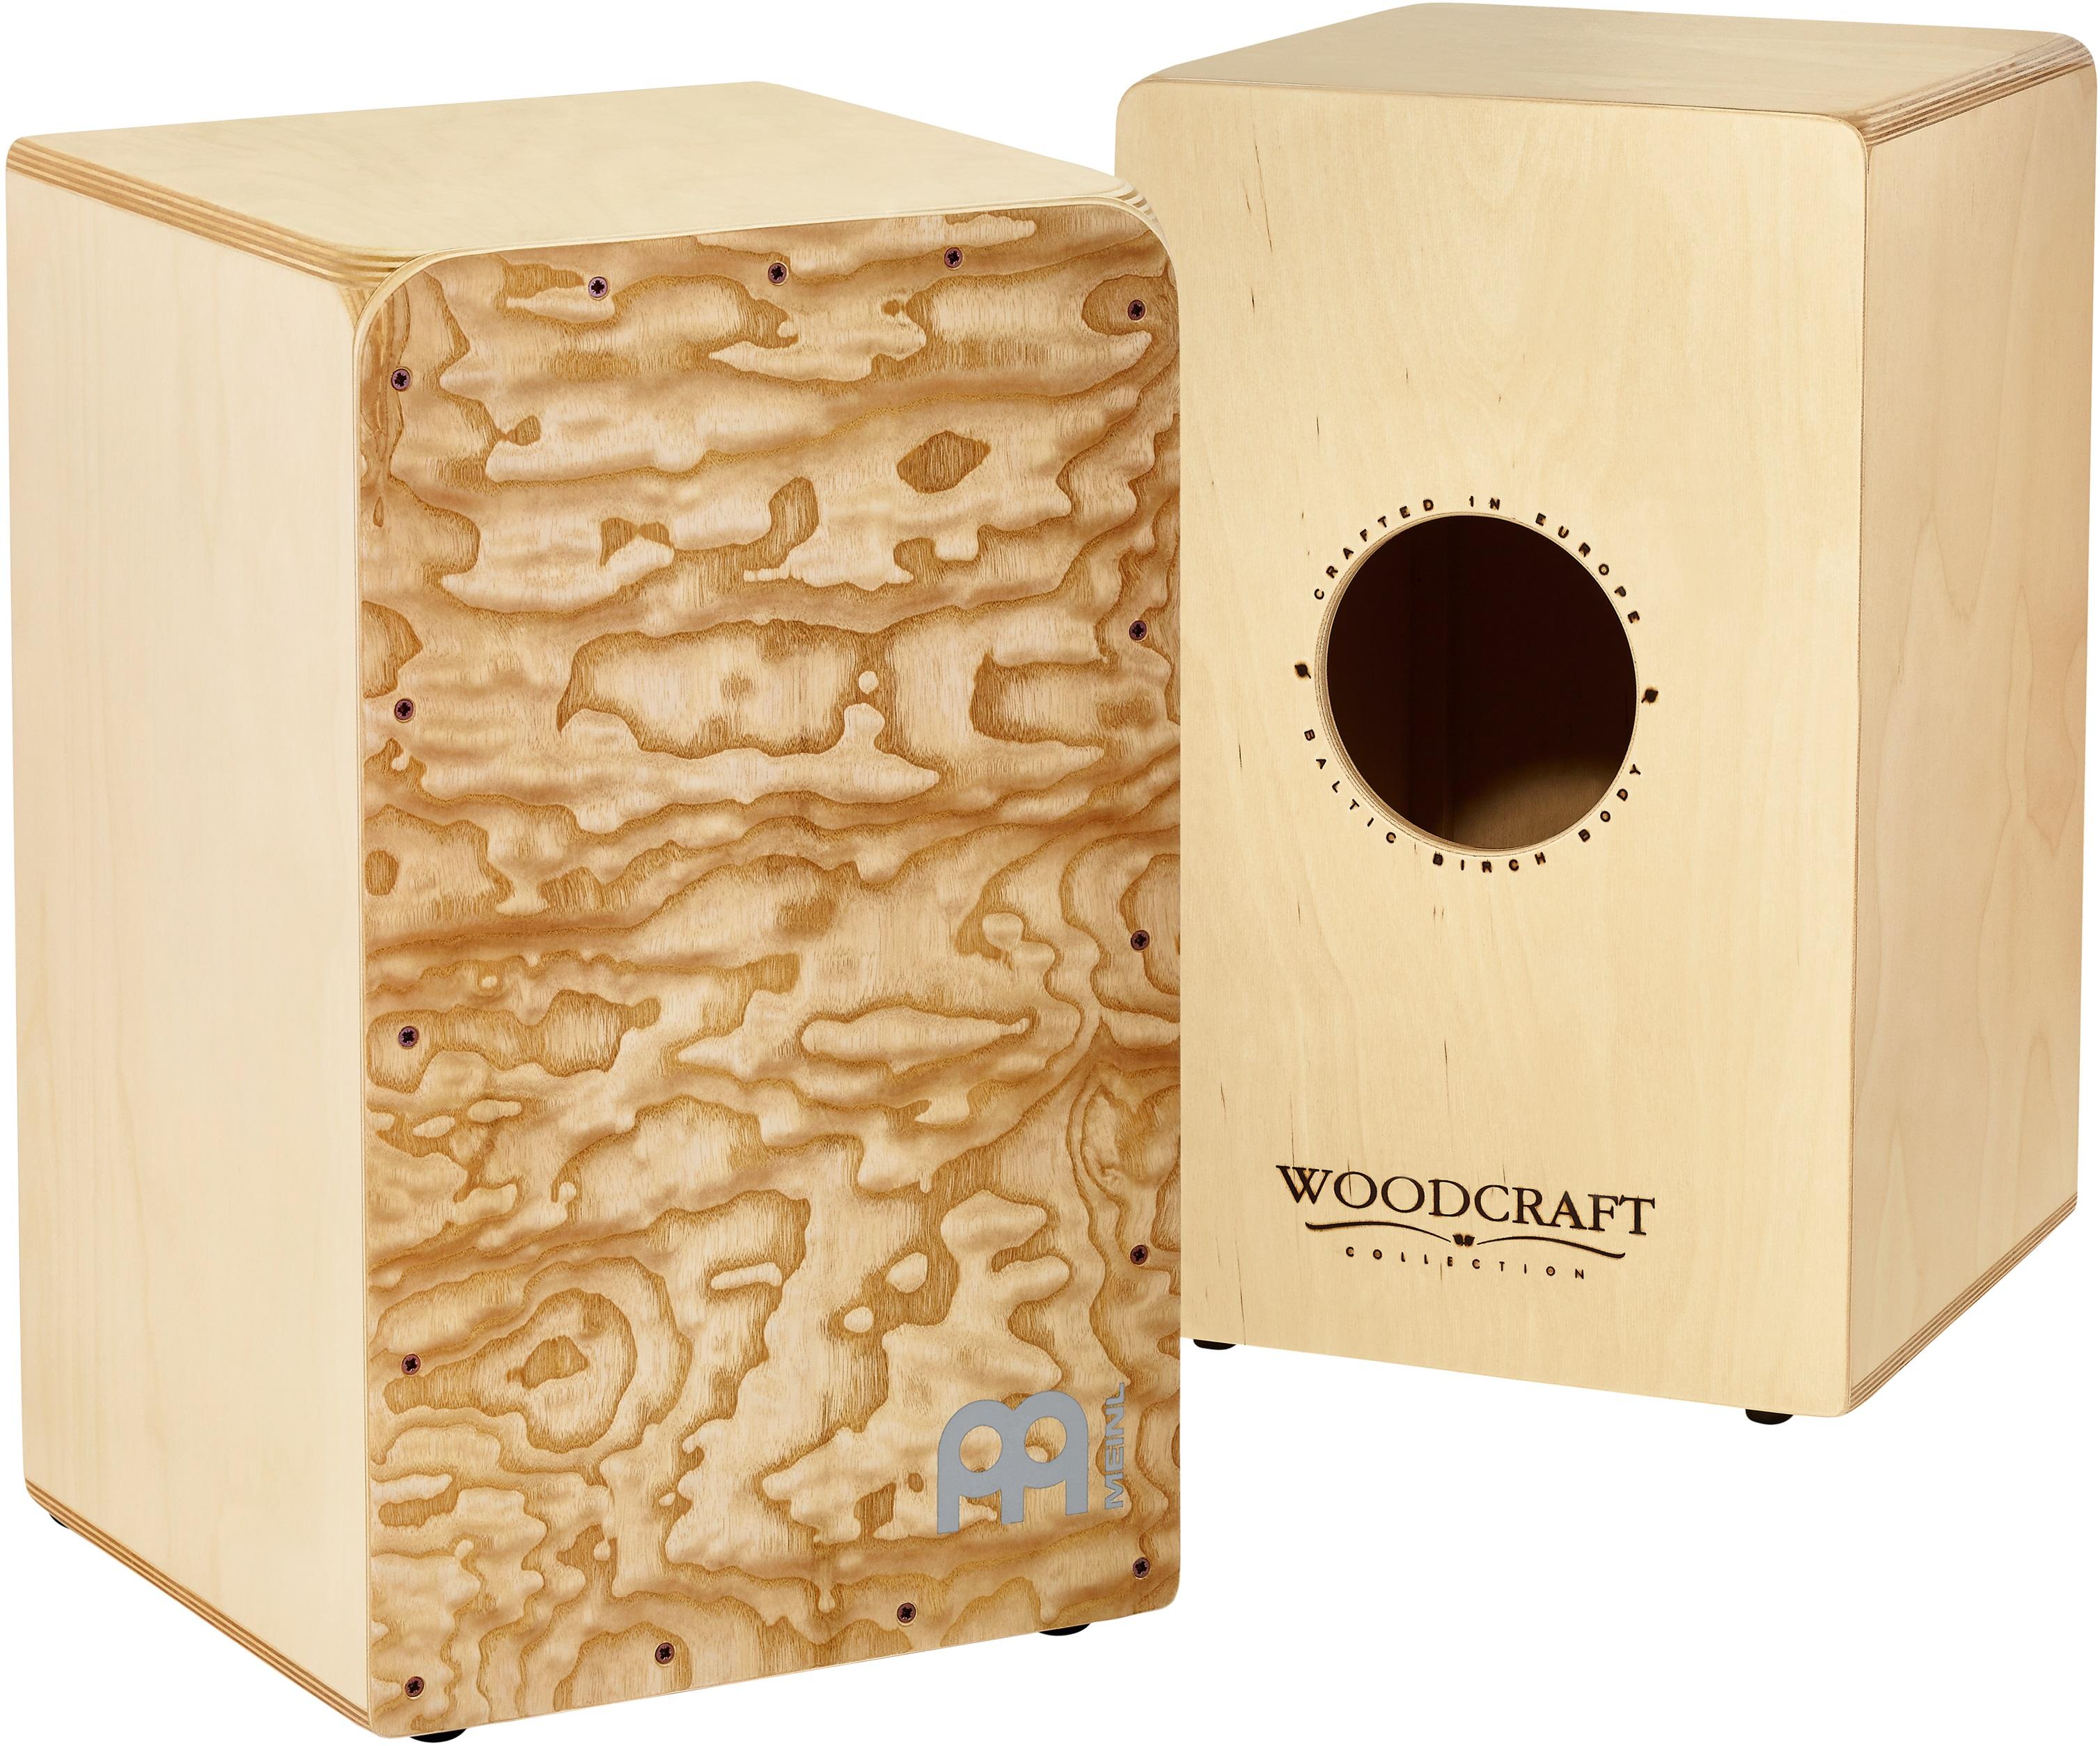 Meinl WCAJ300NT-TA Woodcraft series